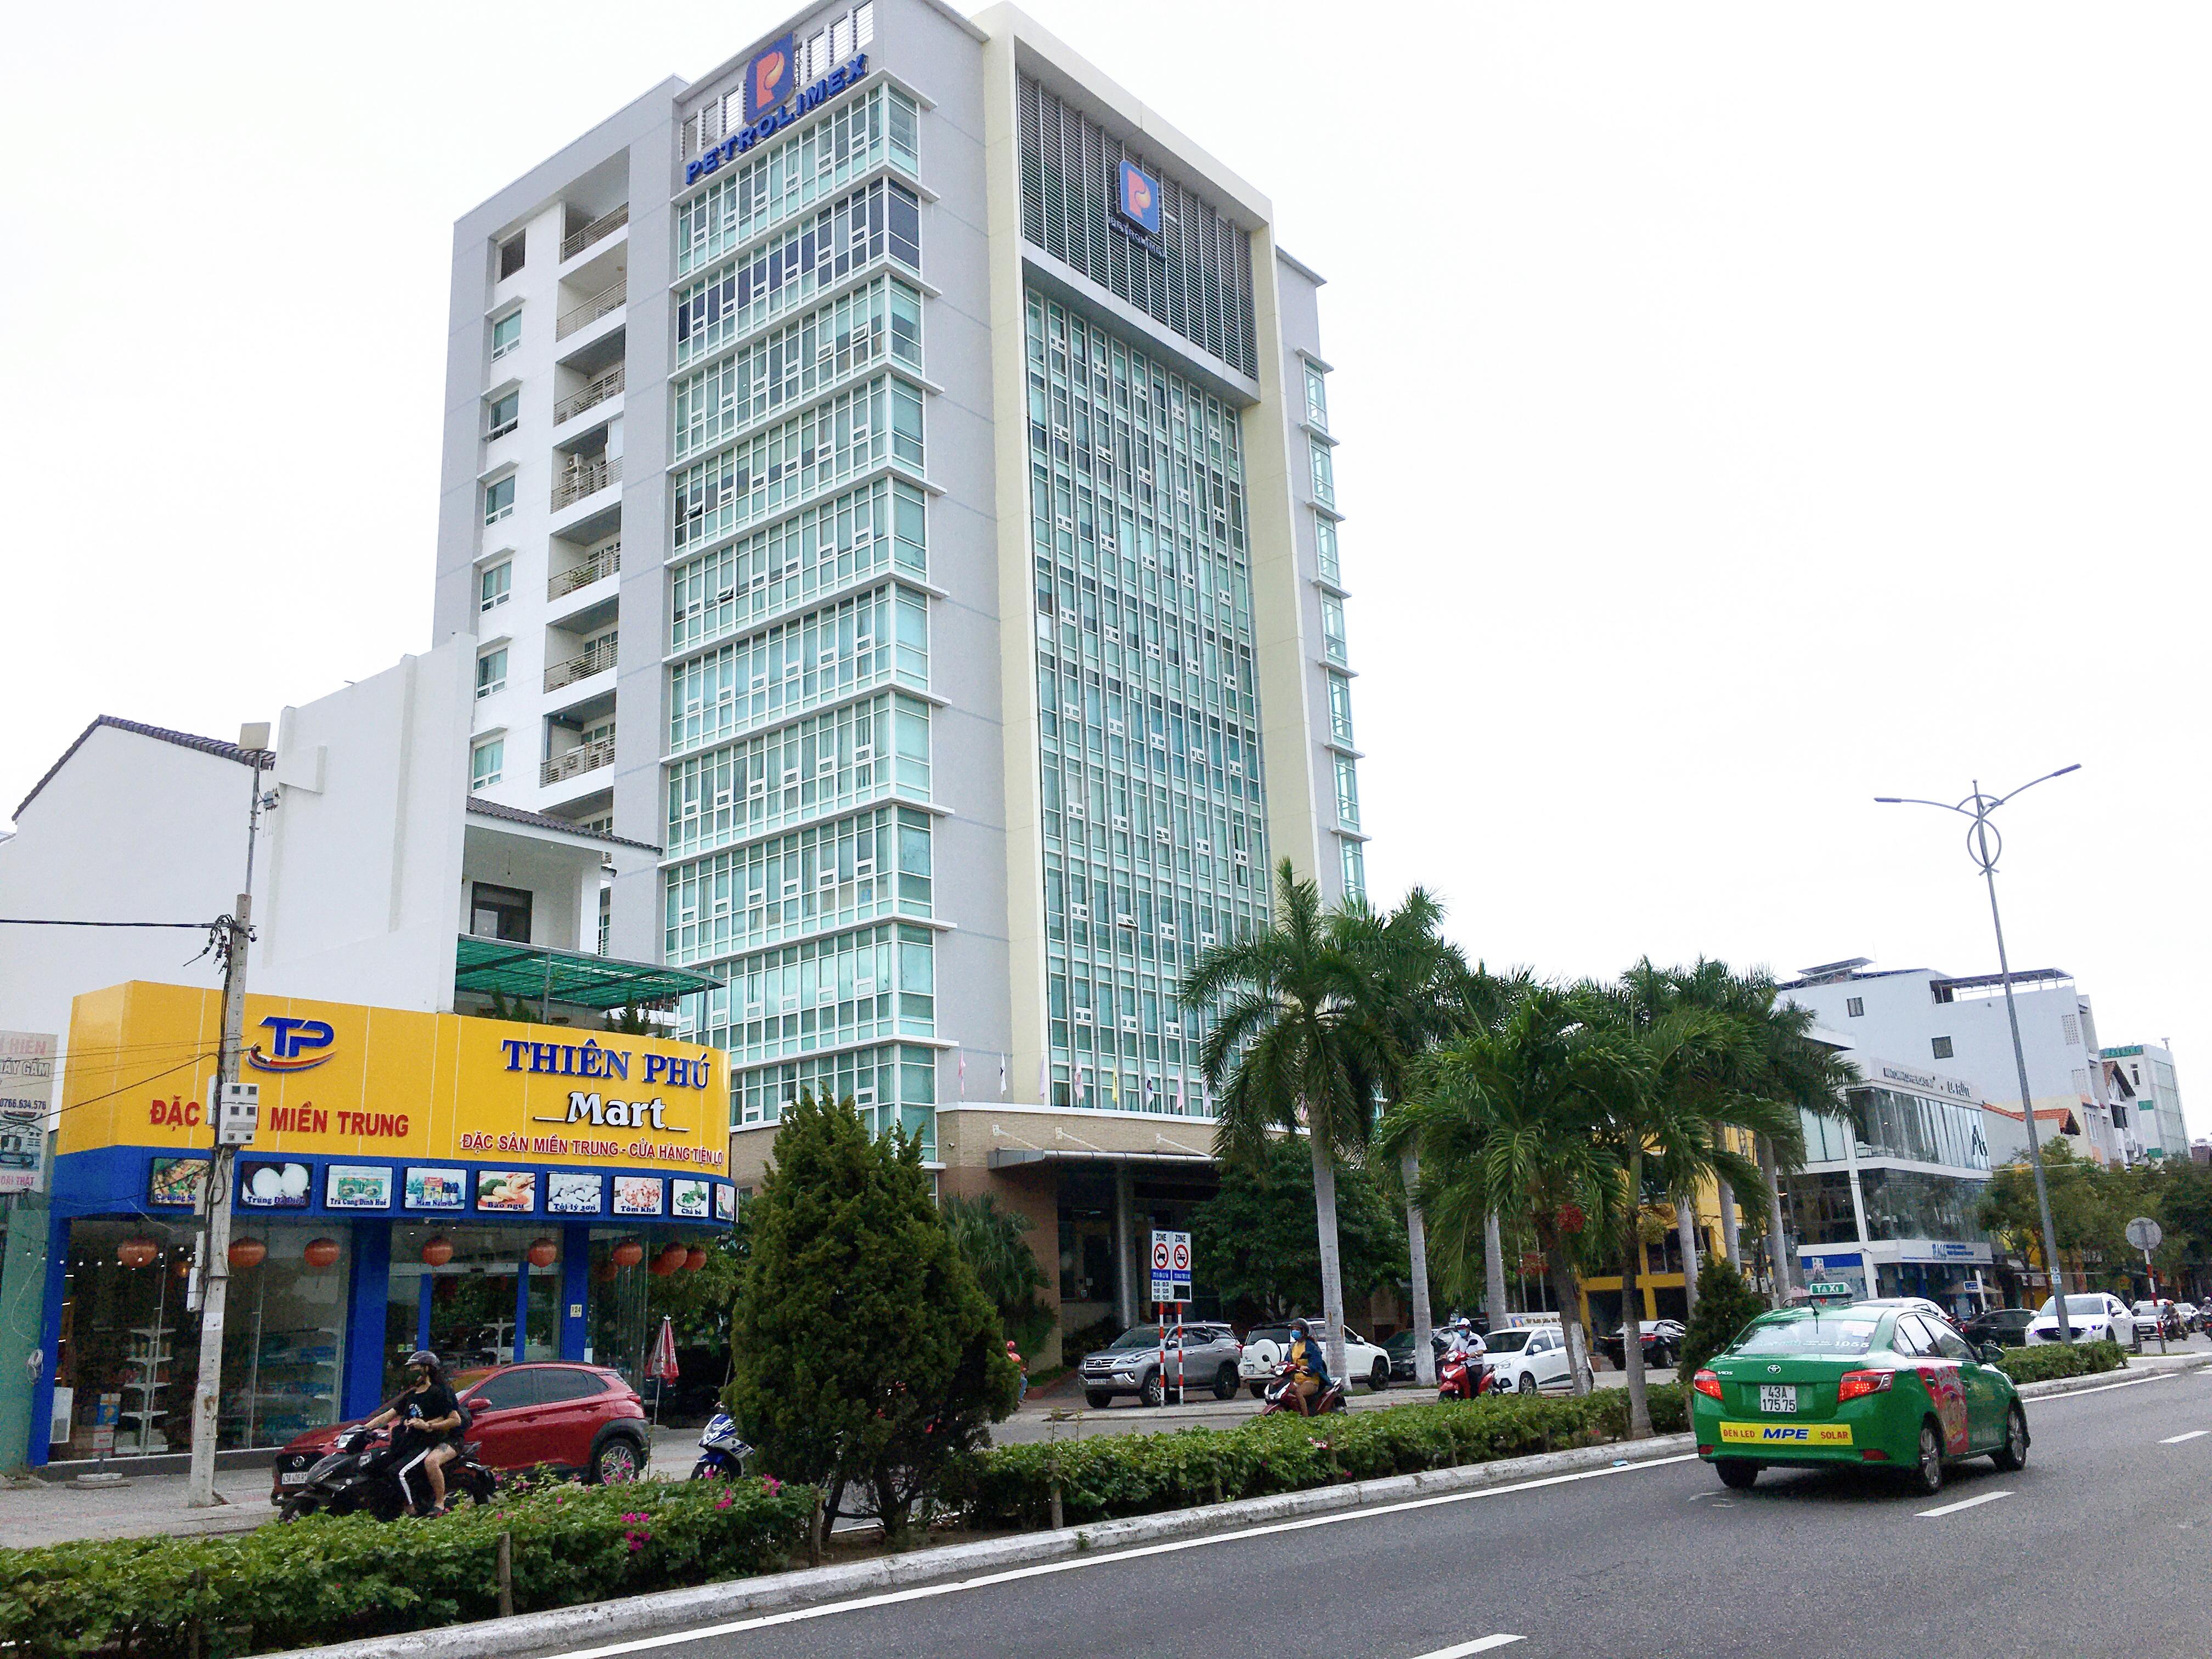 Những tòa nhà văn phòng cho thuê hái ra tiền ở Đà Nẵng bất chấp dịch COVID-19 - Ảnh 13.